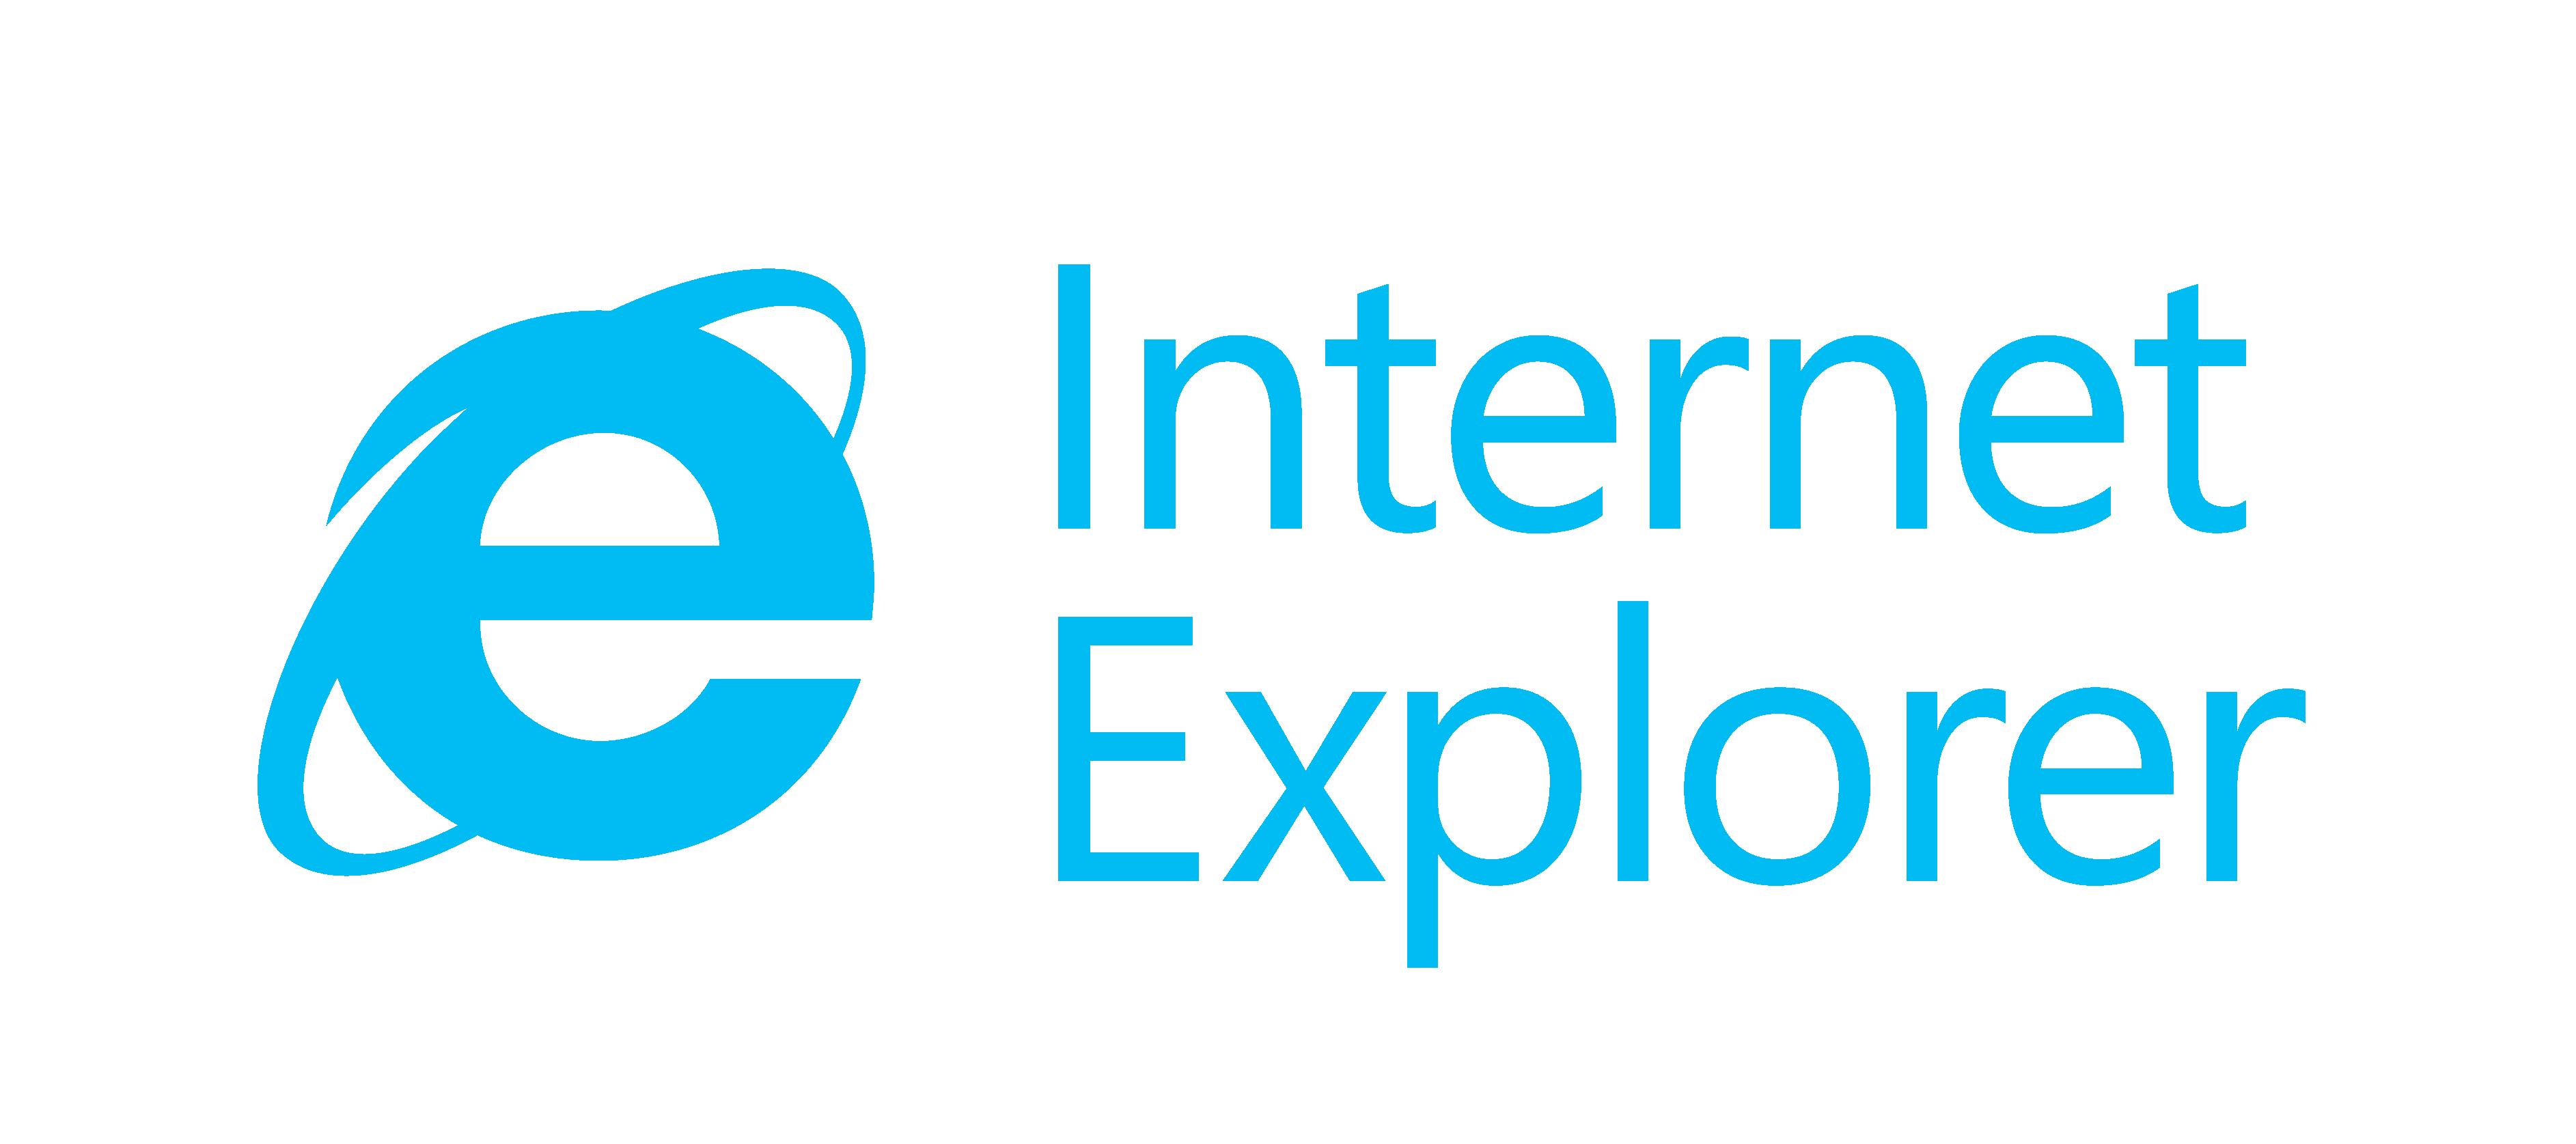 Internet Explorer 10 Logo PngInternet Explorer 10 Logo Png